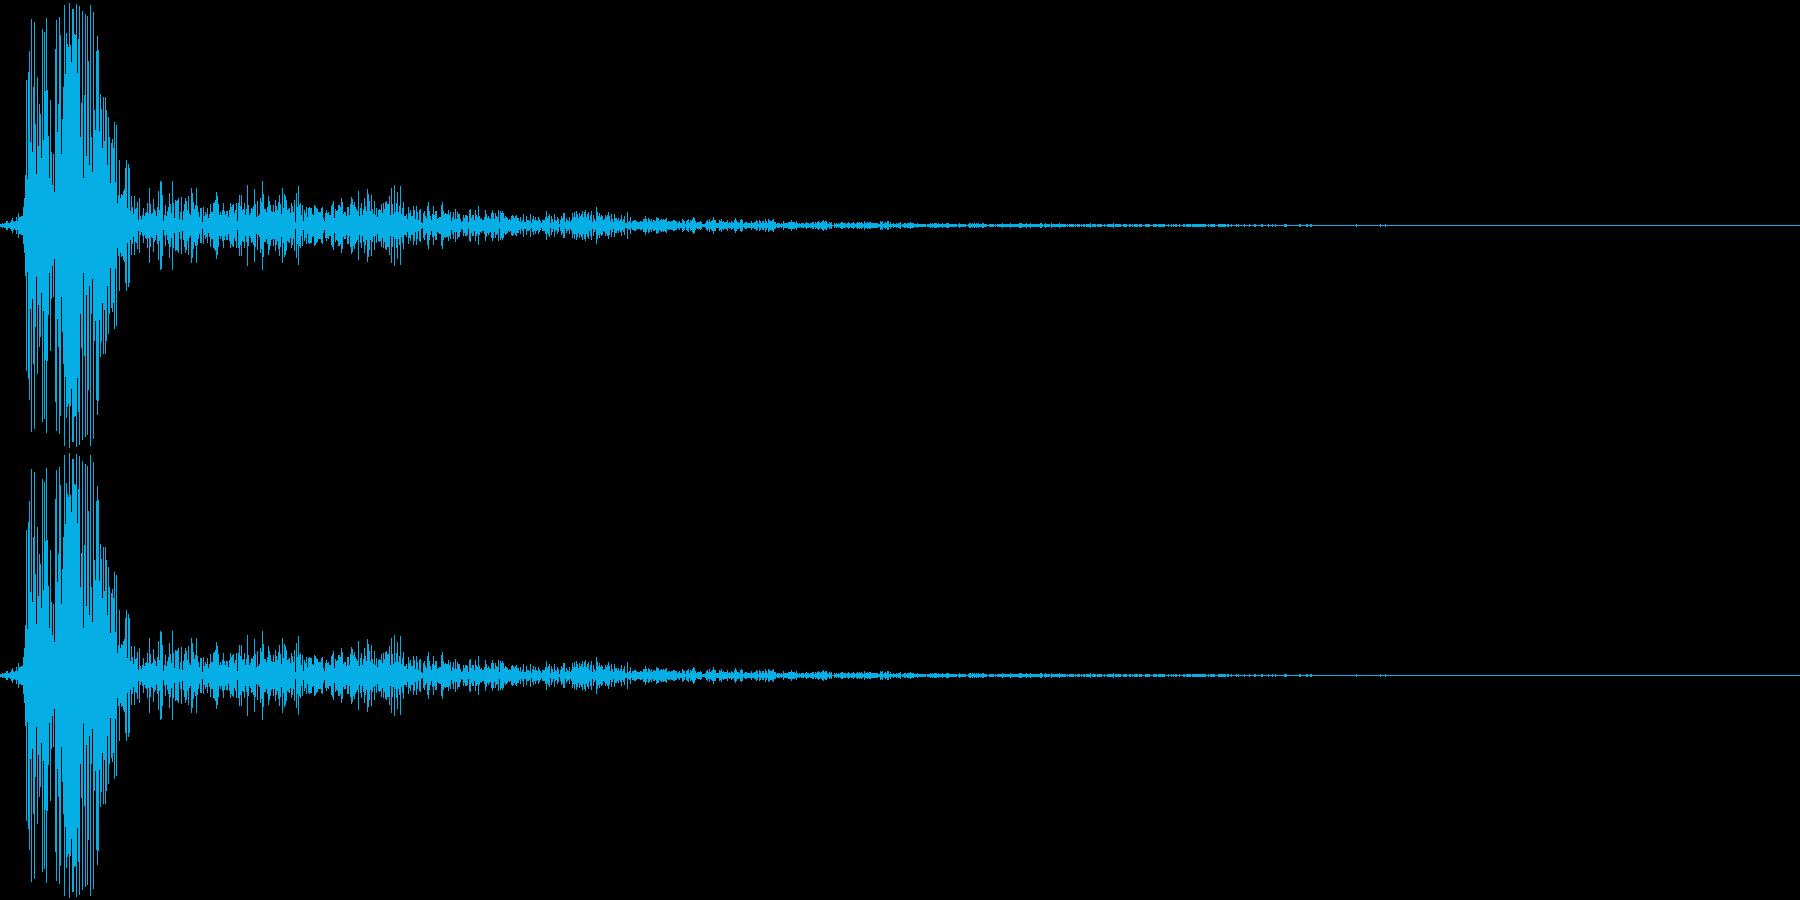 HandsClap 単発の拍手01の再生済みの波形